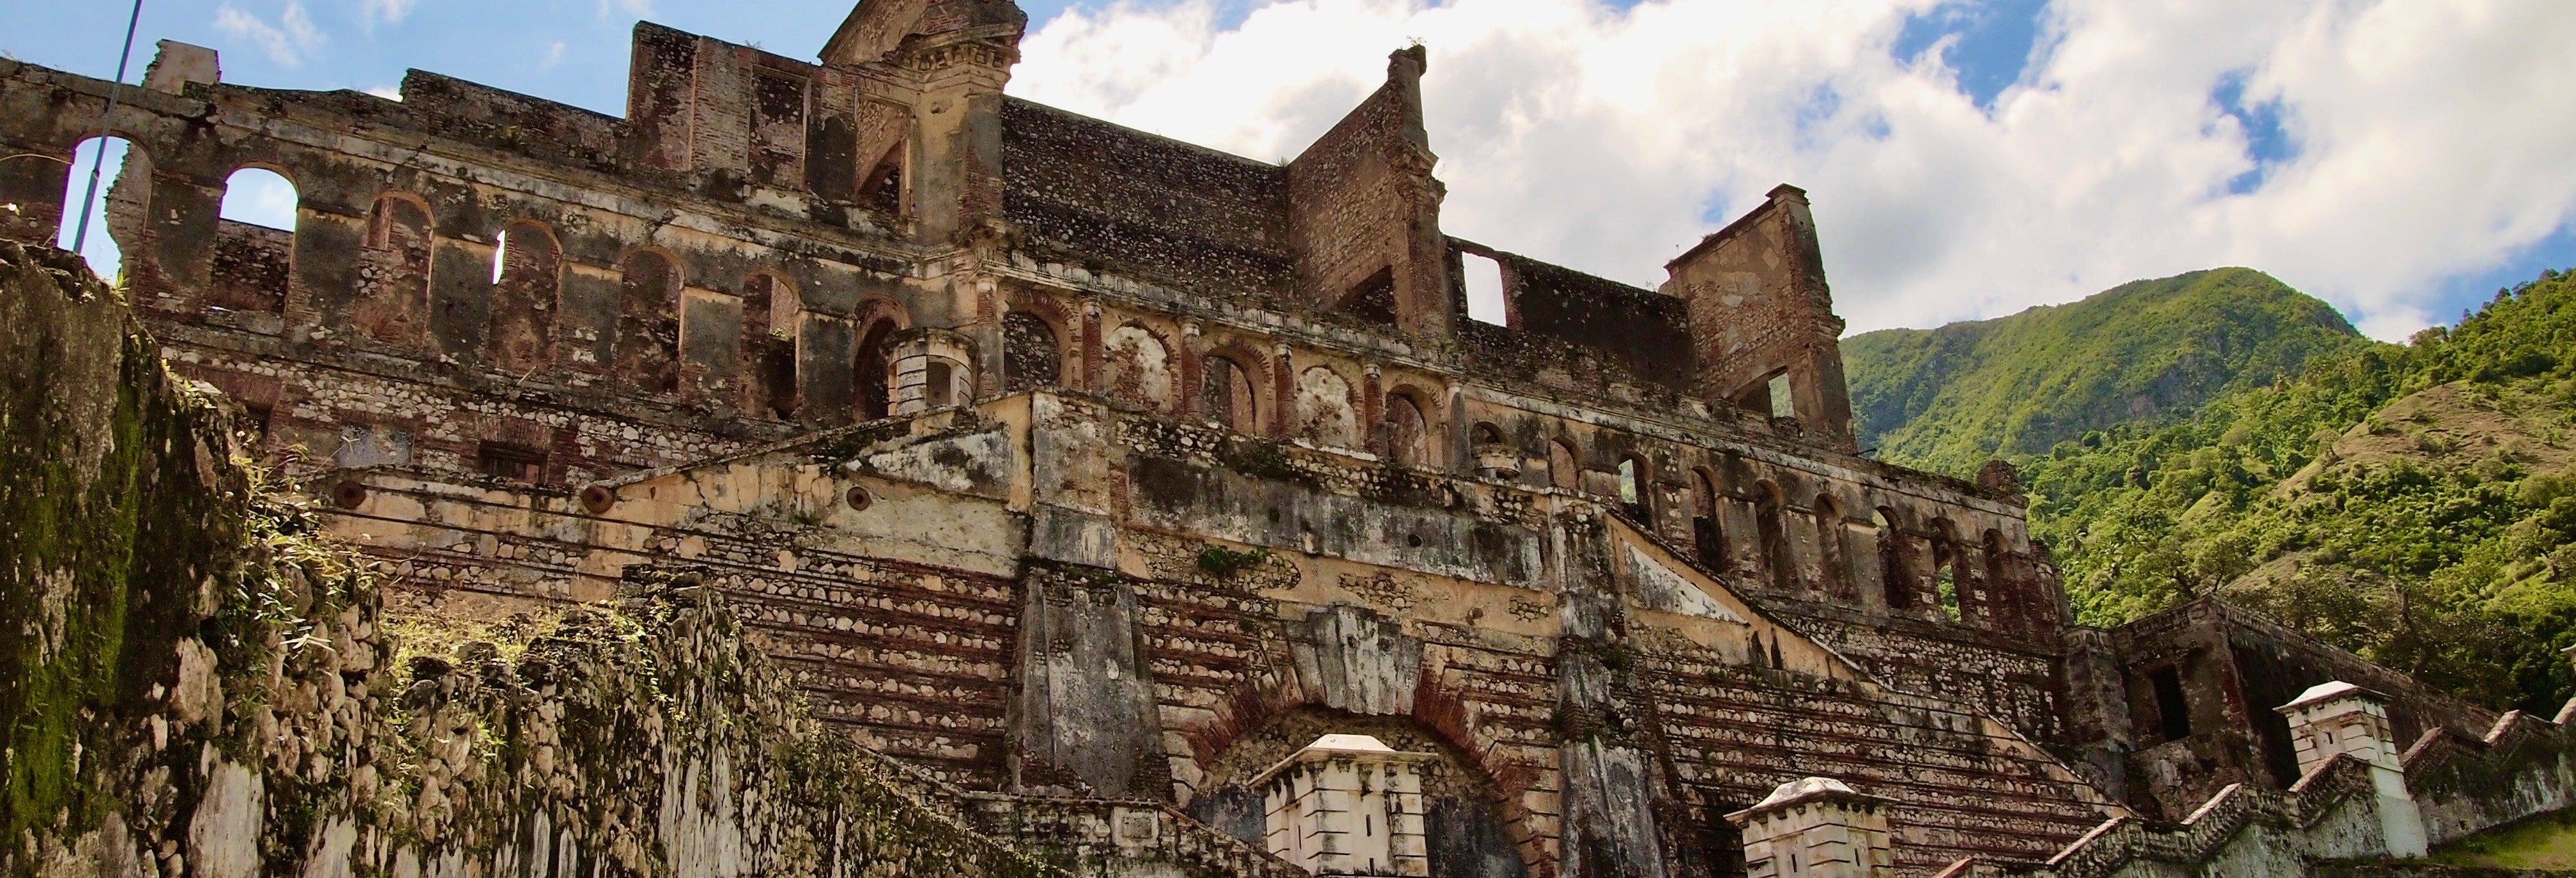 Citadelle Laferriere Tour